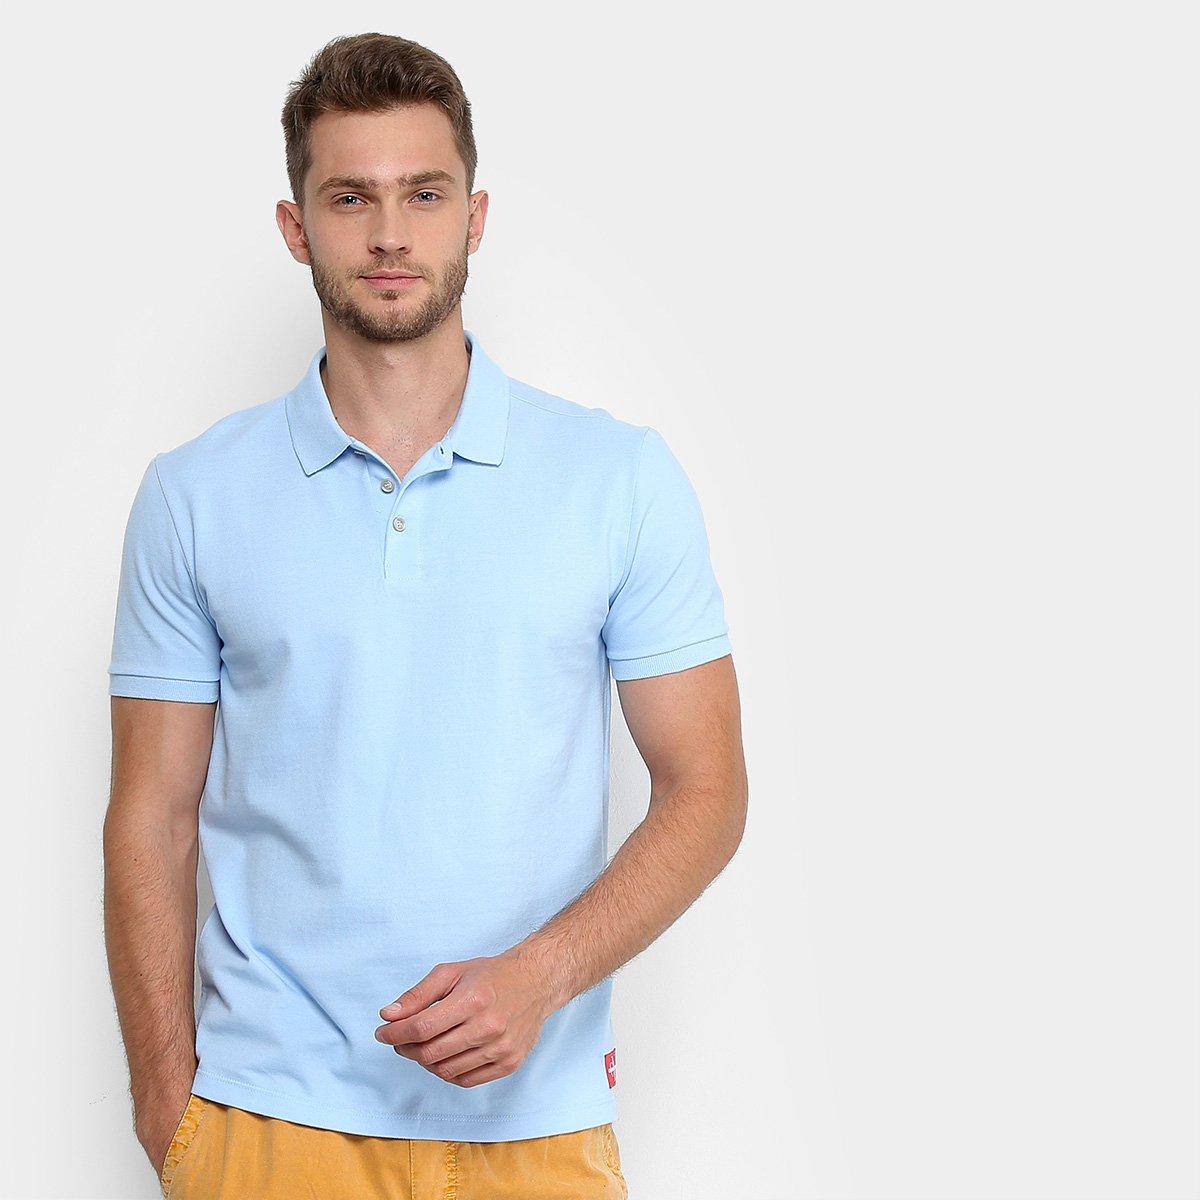 4fa71a41d9a7d Camisa Polo Calvin Klein Básica Masculina - Azul Claro - Compre Agora